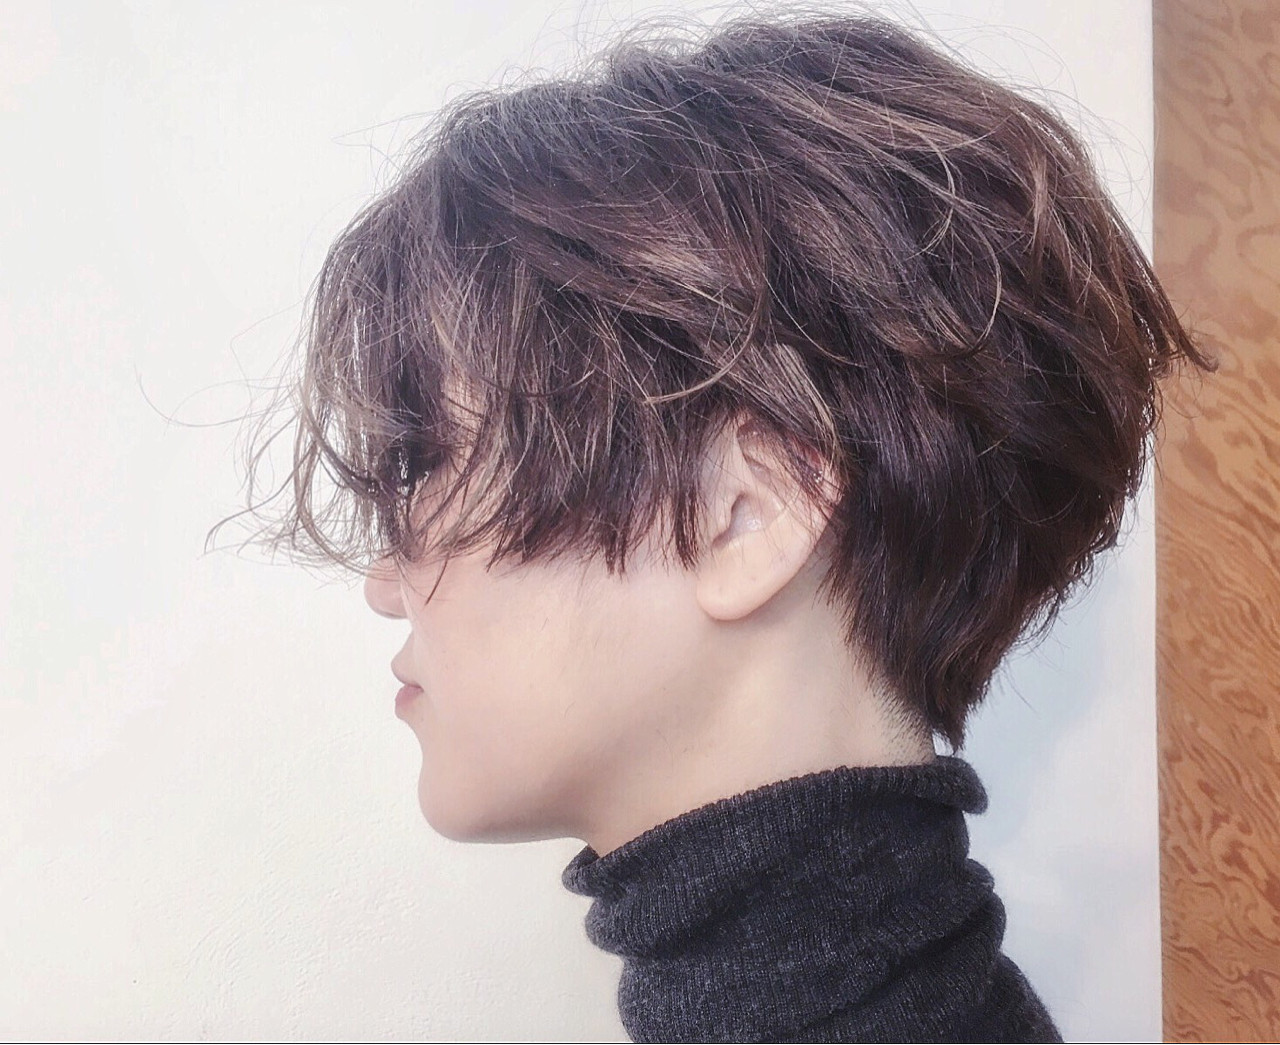 くせ毛風 耳かけ ナチュラル ショート ヘアスタイルや髪型の写真・画像